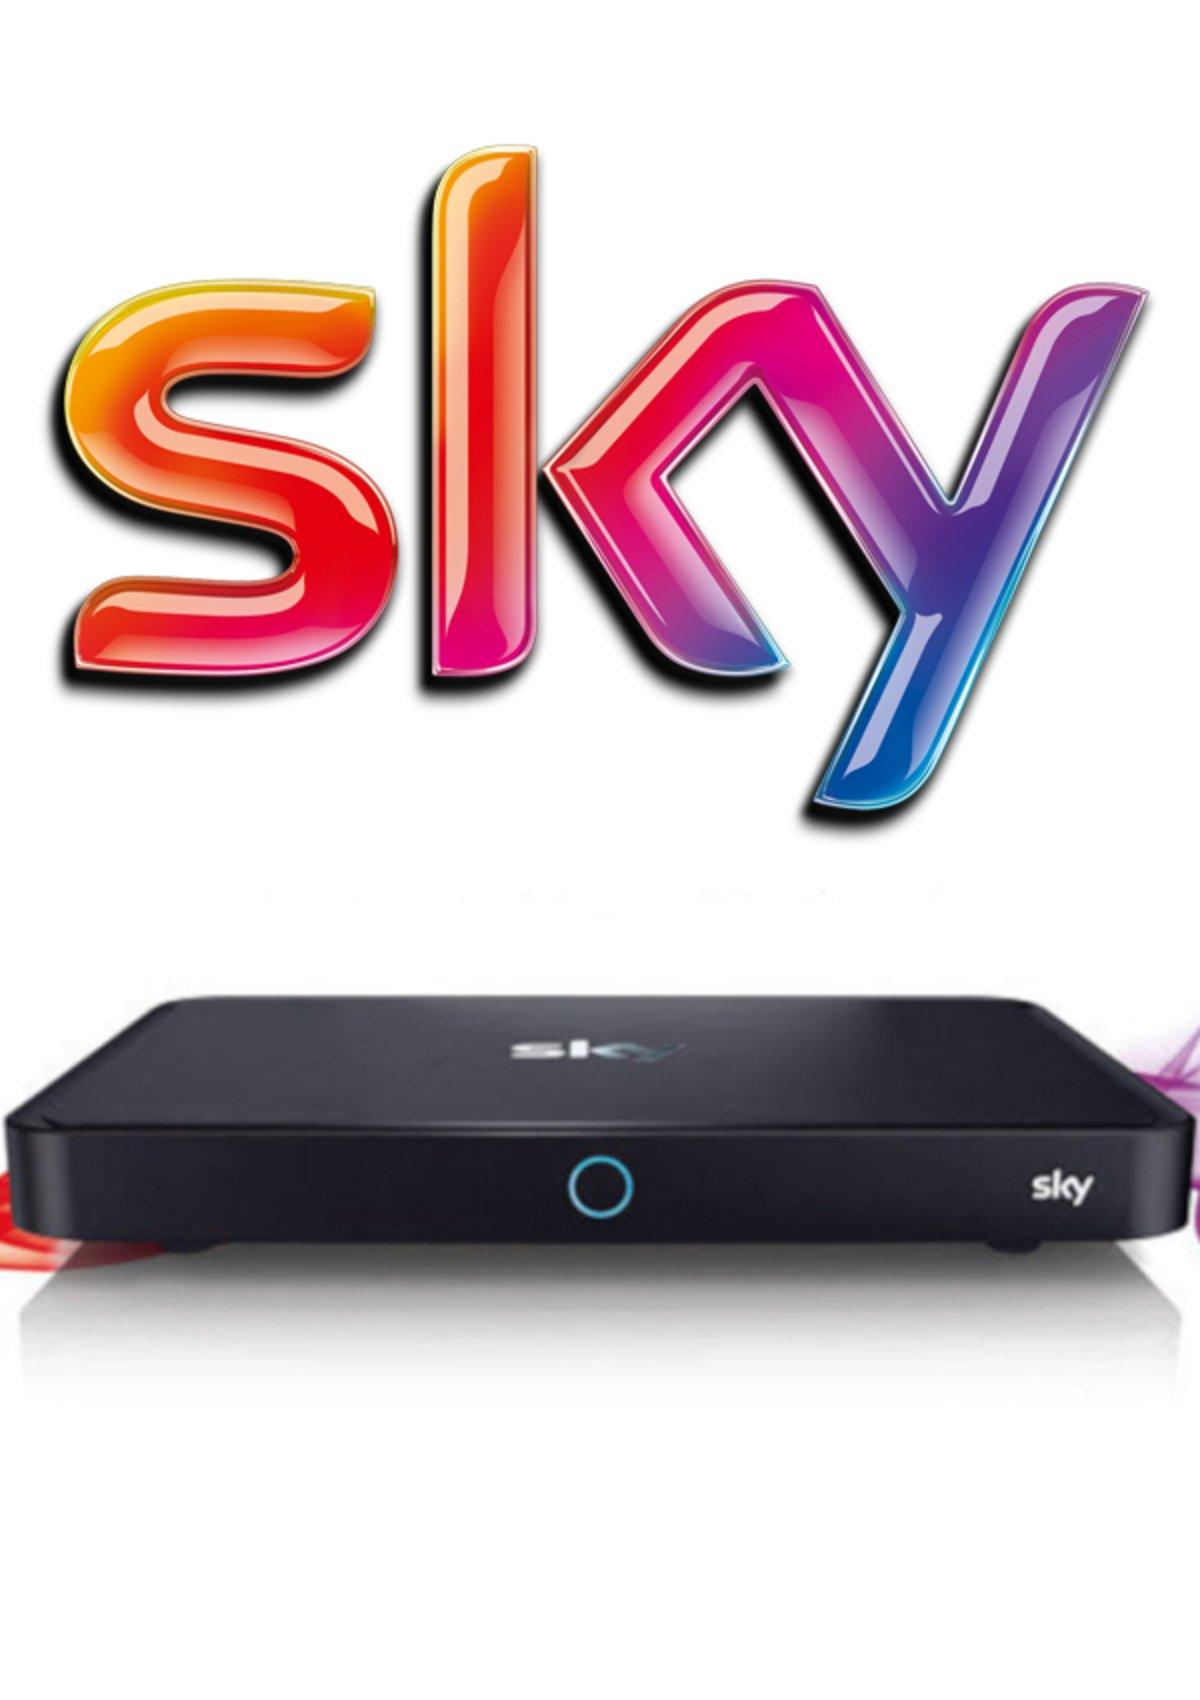 Sky & Sky Ticket - cover